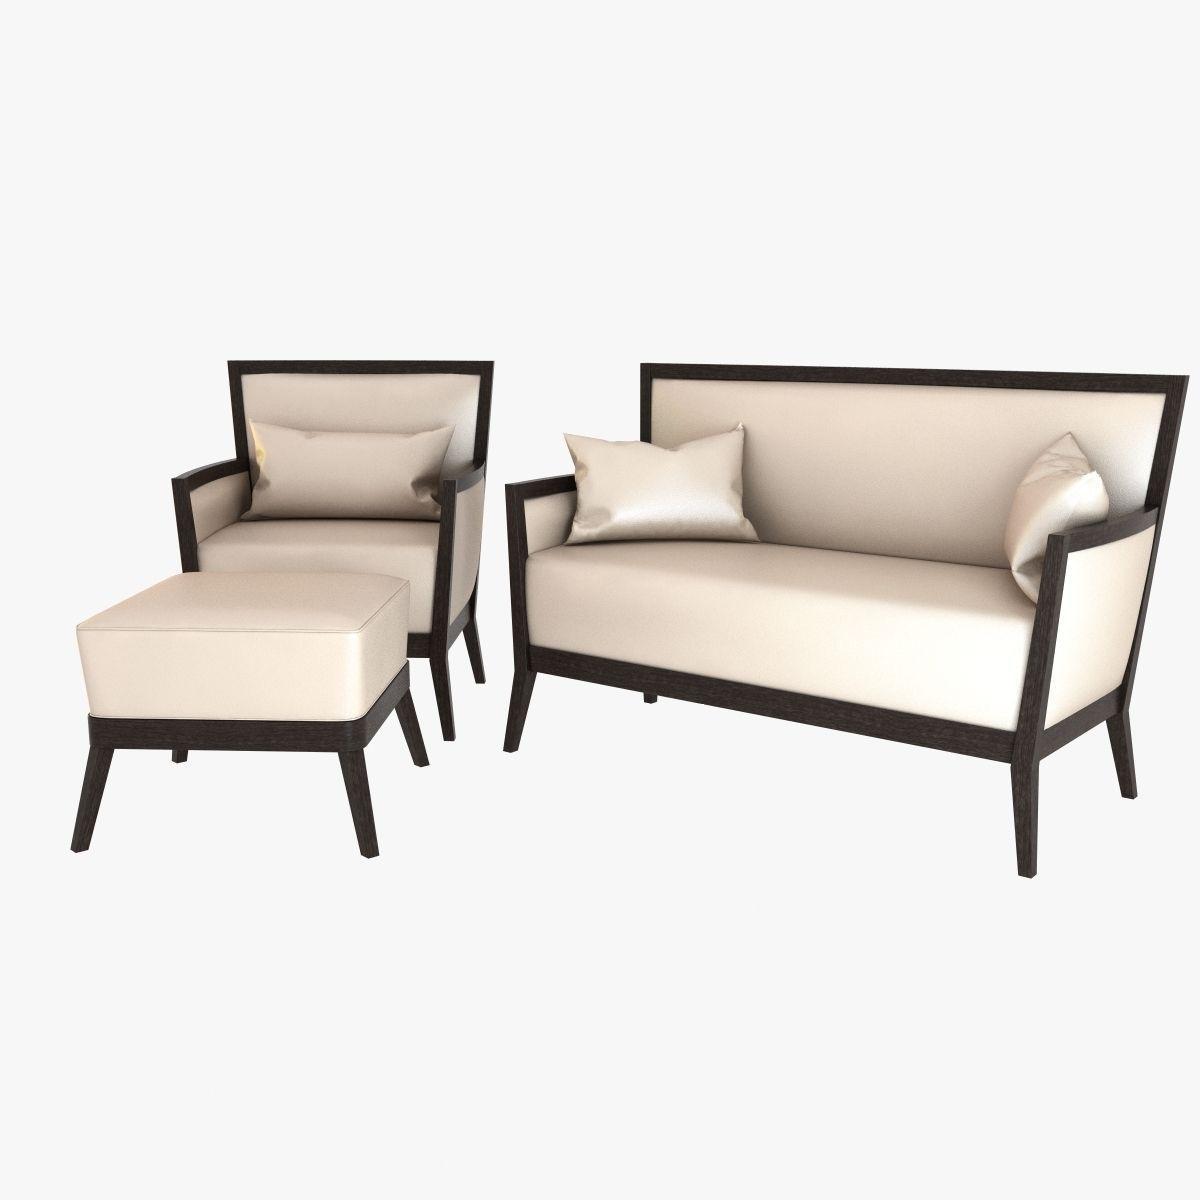 Veneta sedie armchair and sofa 3d model max obj 3ds fbx for Sedie design 3d